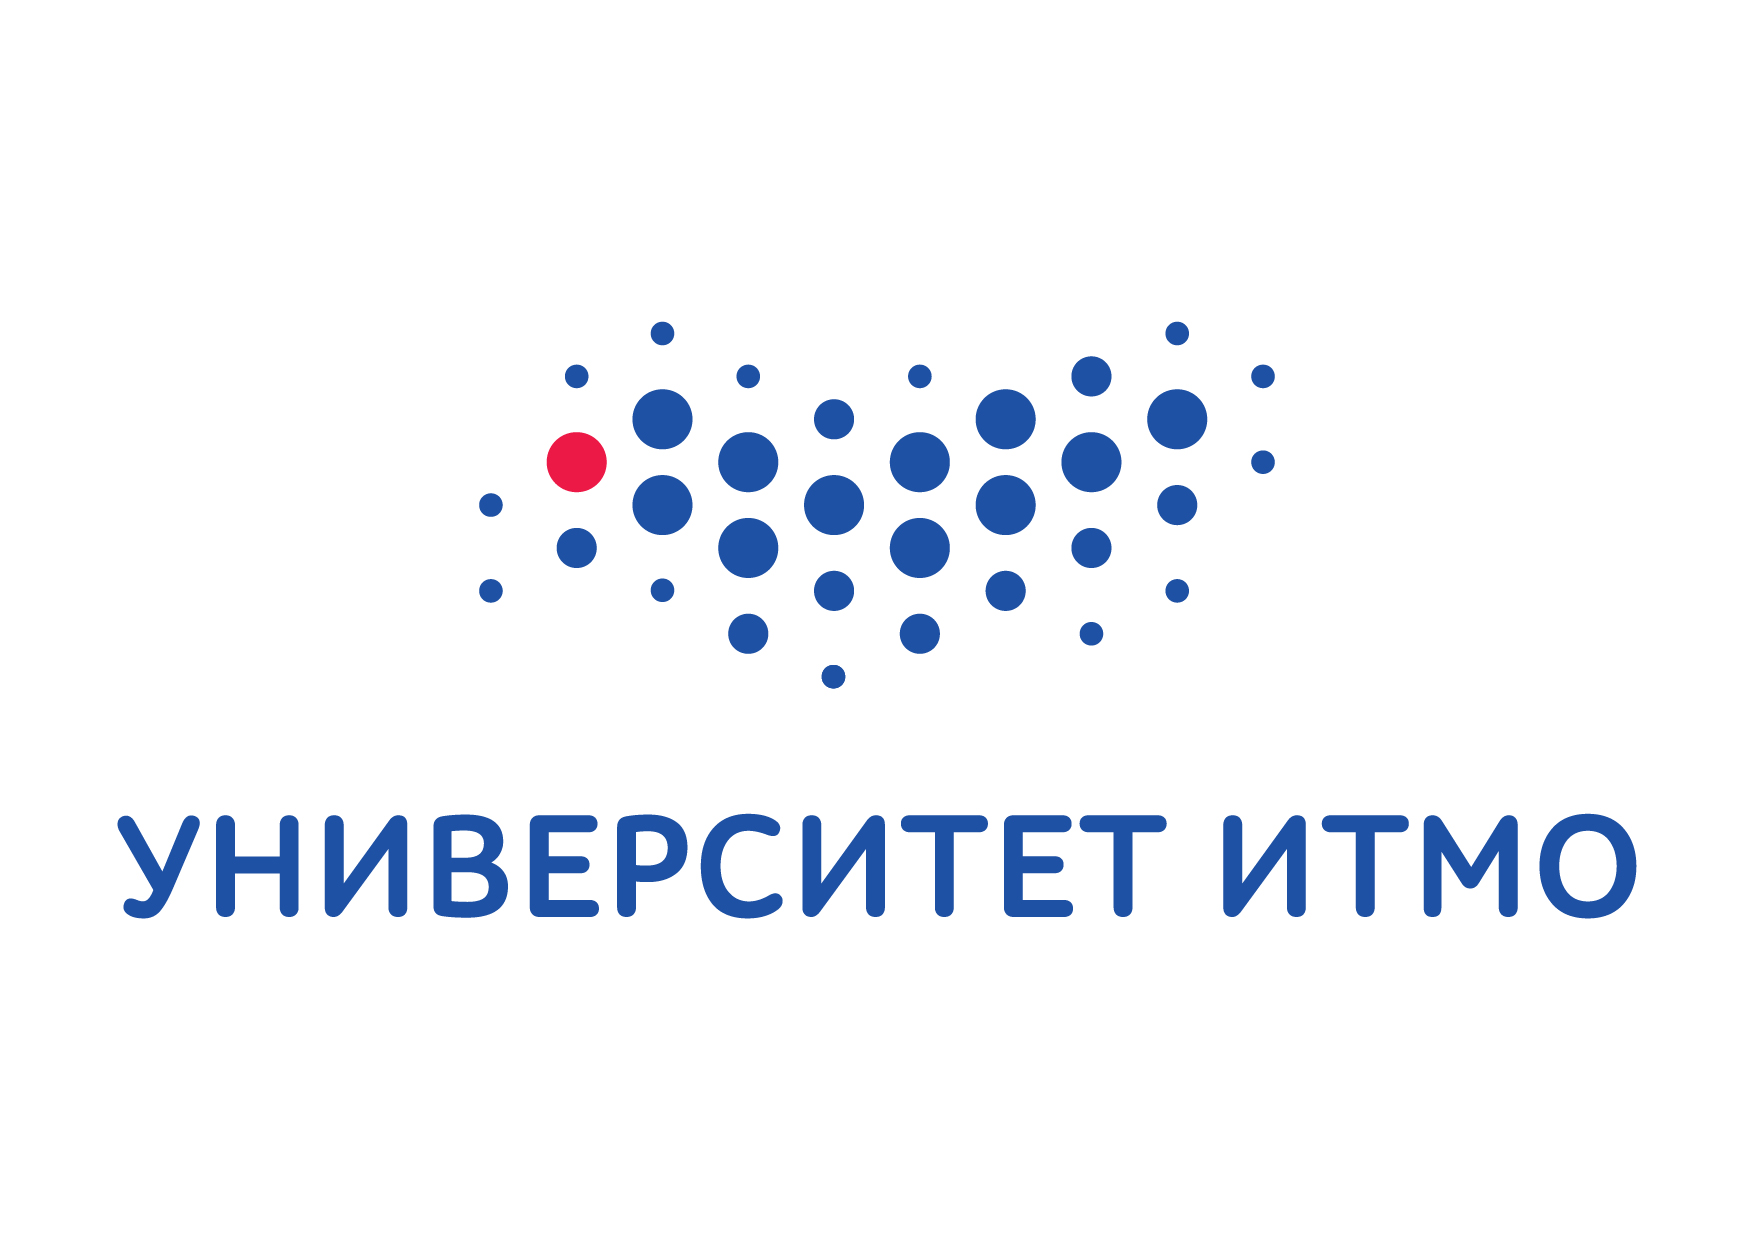 Анкета для онлайн опроса жителей Петербурга: Умный город 2017